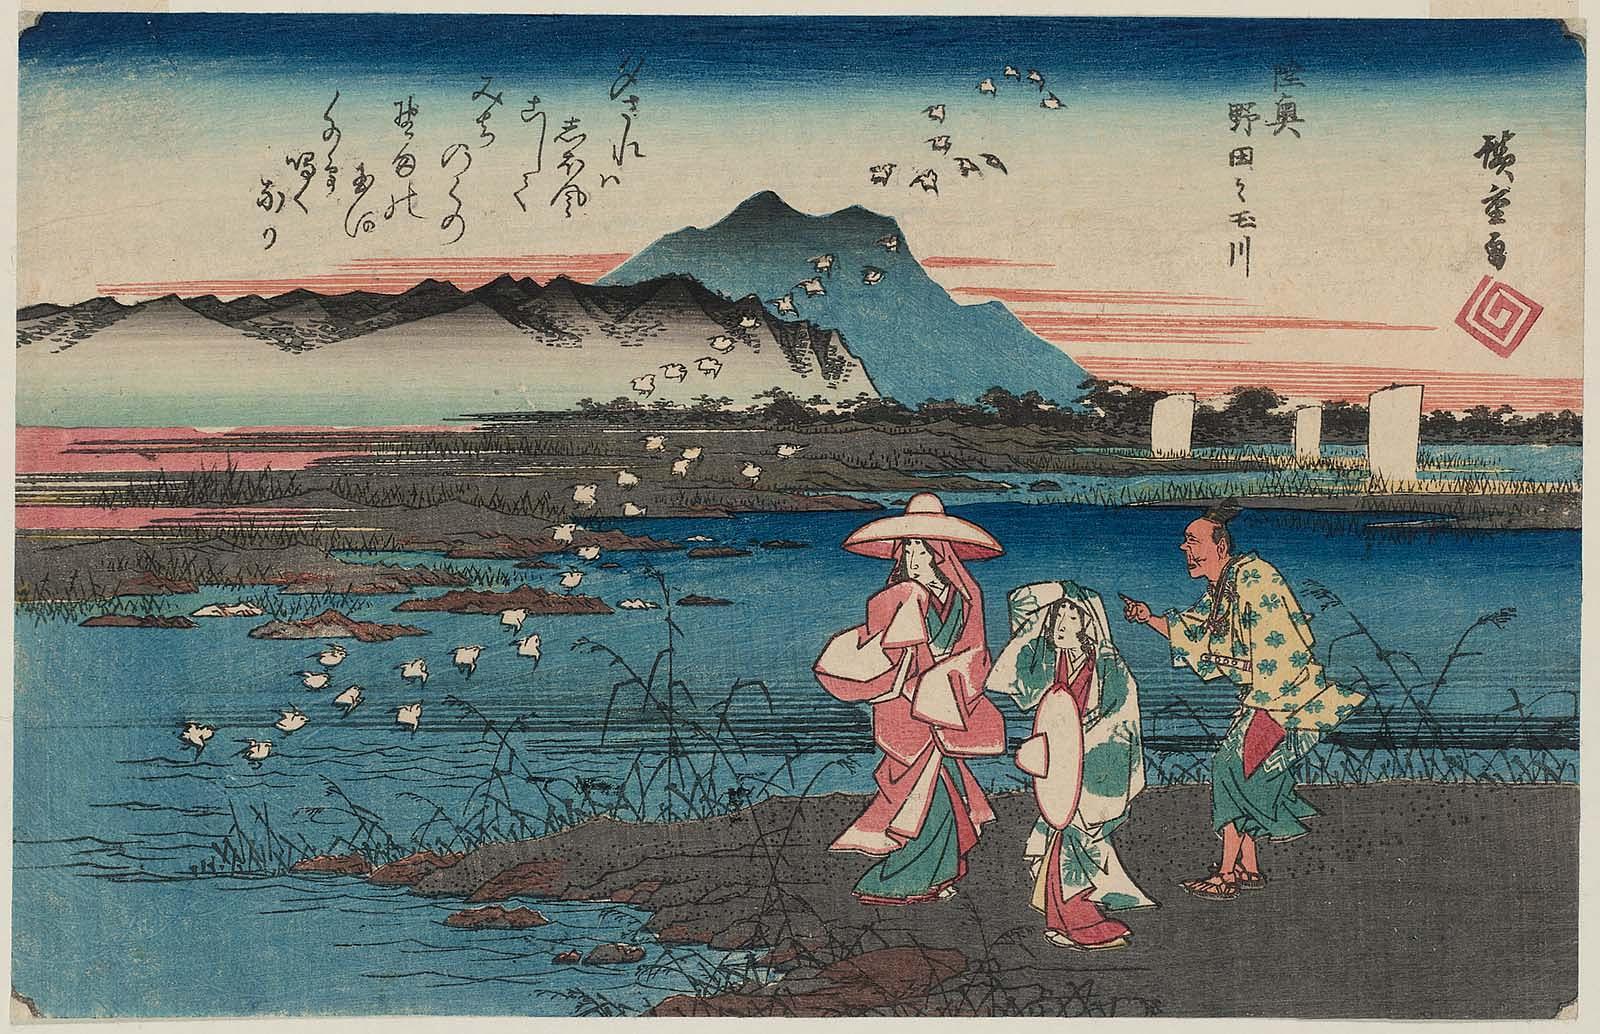 Le stagioni viste dai grandi maestri della stampa giapponese, Hokusai e Hiroshige